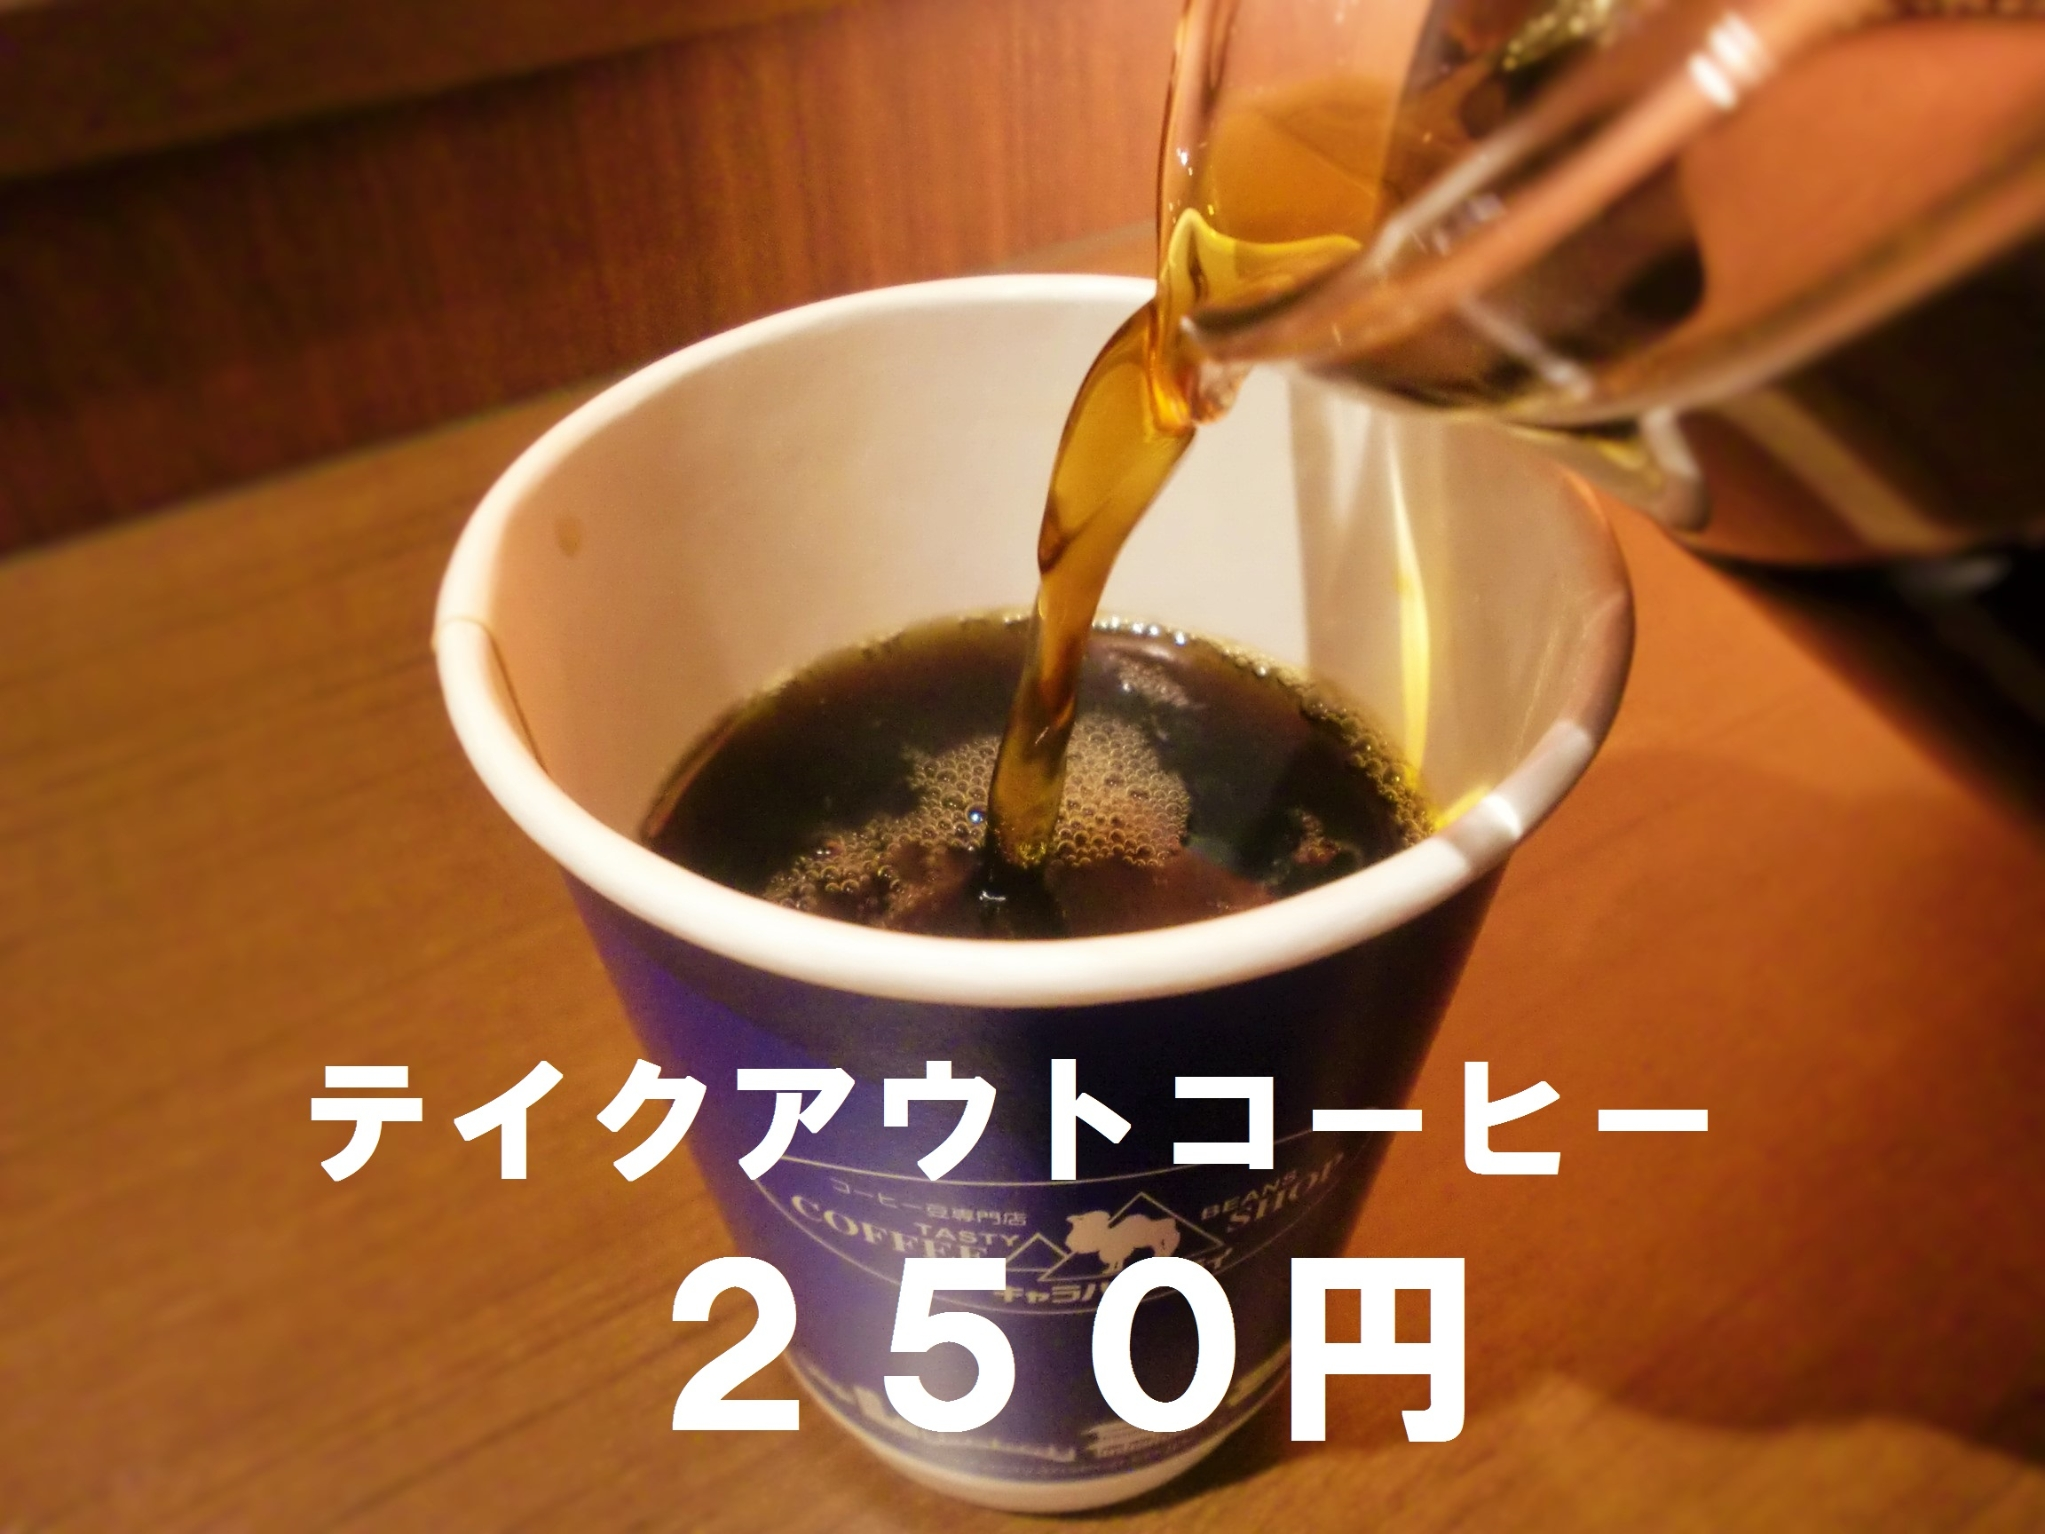 自家焙煎コーヒー テイクアウトで持ち歩き人気です